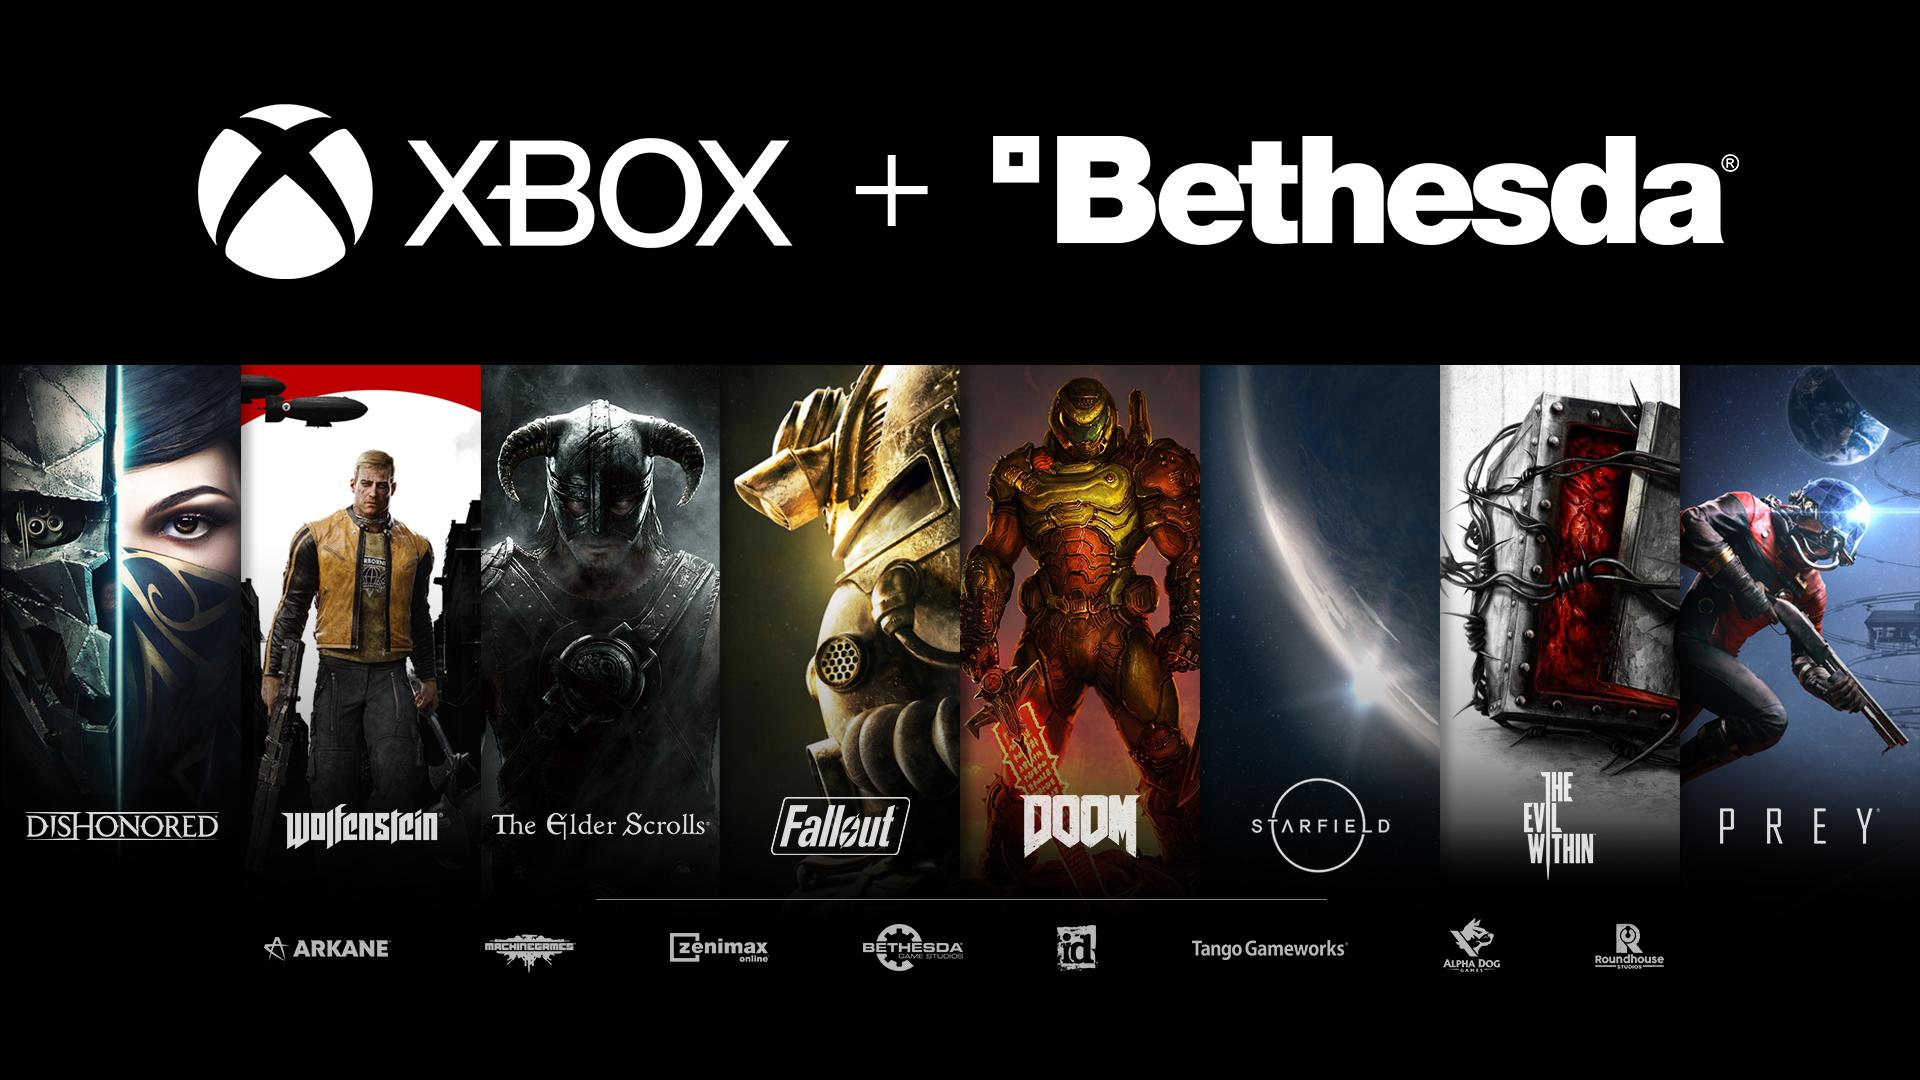 Jogos: Bethesda Softworks é adquirida pela Xbox por US$ 7,5 bilhões